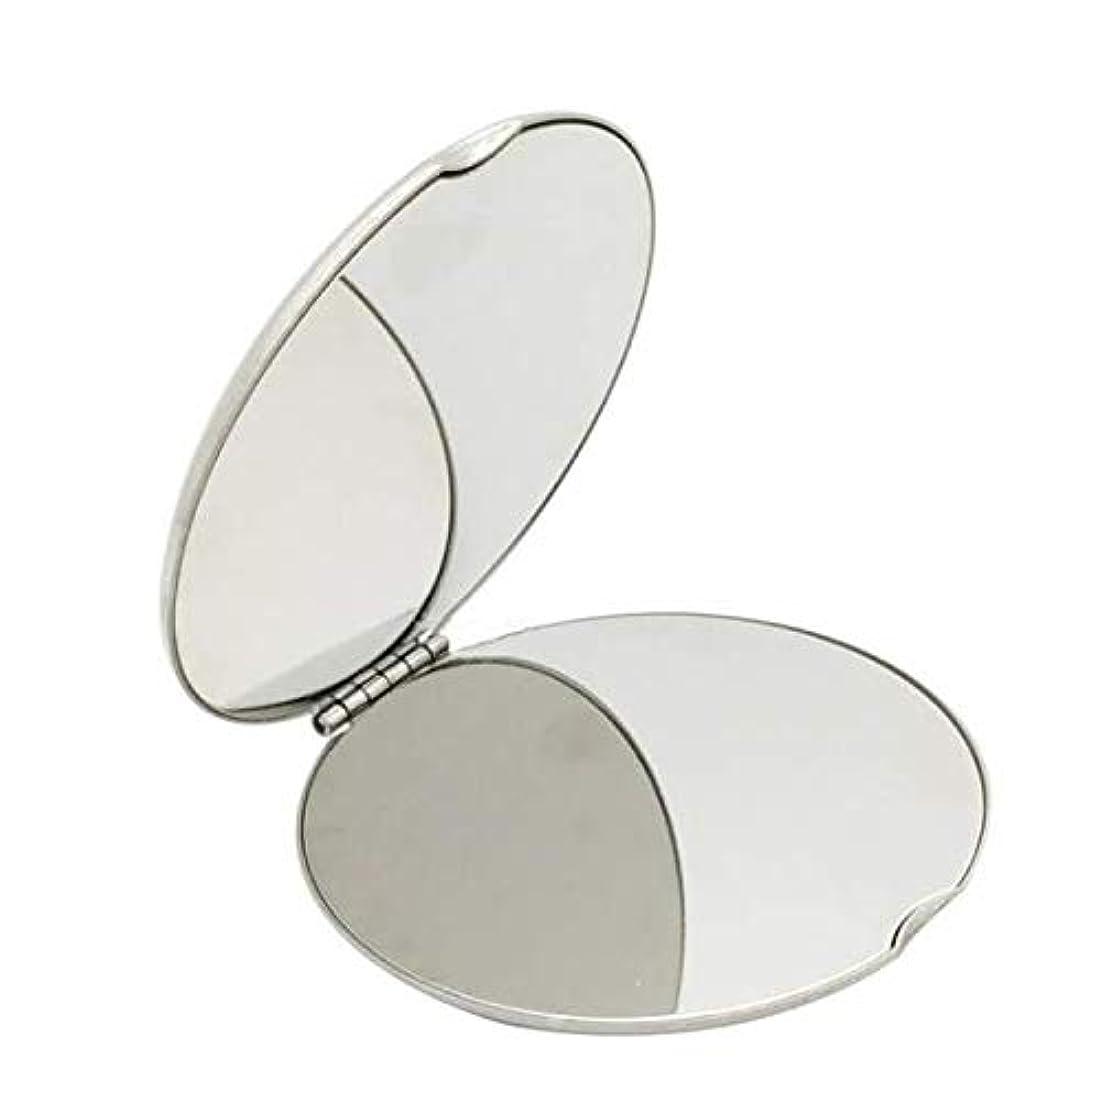 する必要がある年次柔らかい足飛散防止化粧鏡ステンレス鋼 化粧鏡おすすめ 携帯用ミラー化粧用鏡(ラウンド)